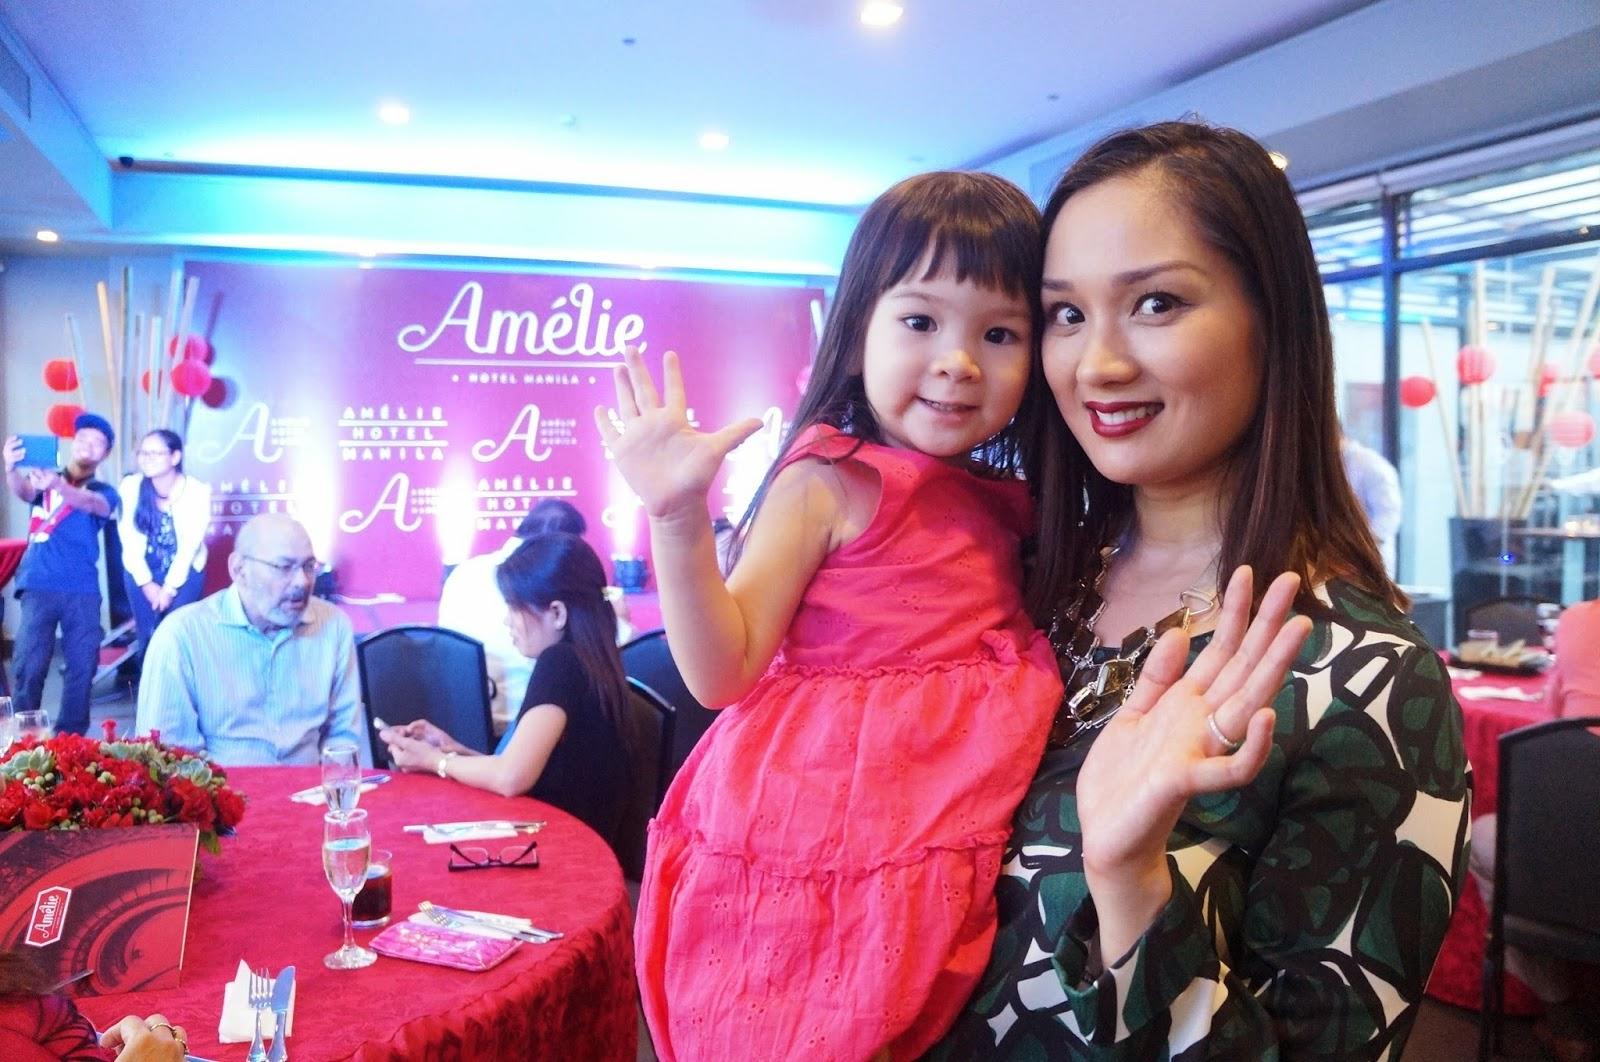 Manila Dating Manila Girls In Hotel